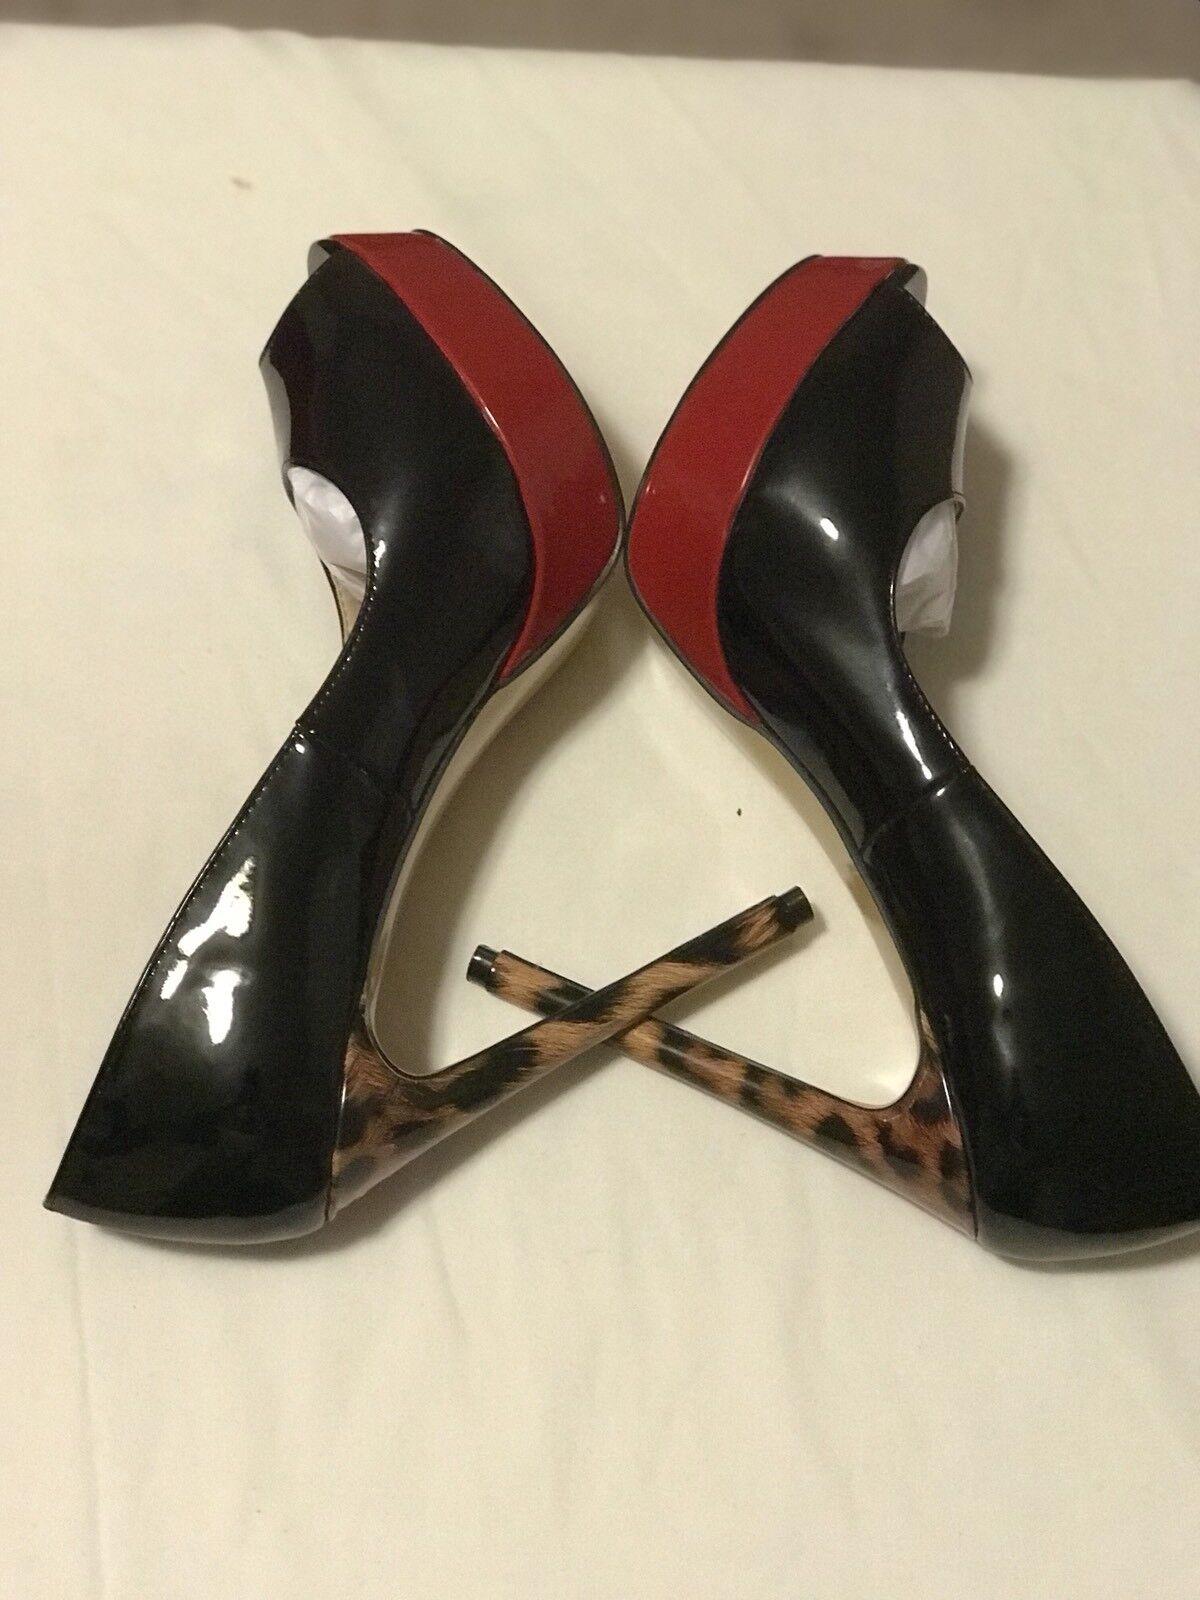 New  Dimensione 10  Wouomo Platform Open Toe 53 4 Inches Heel. Colour nero Leopard